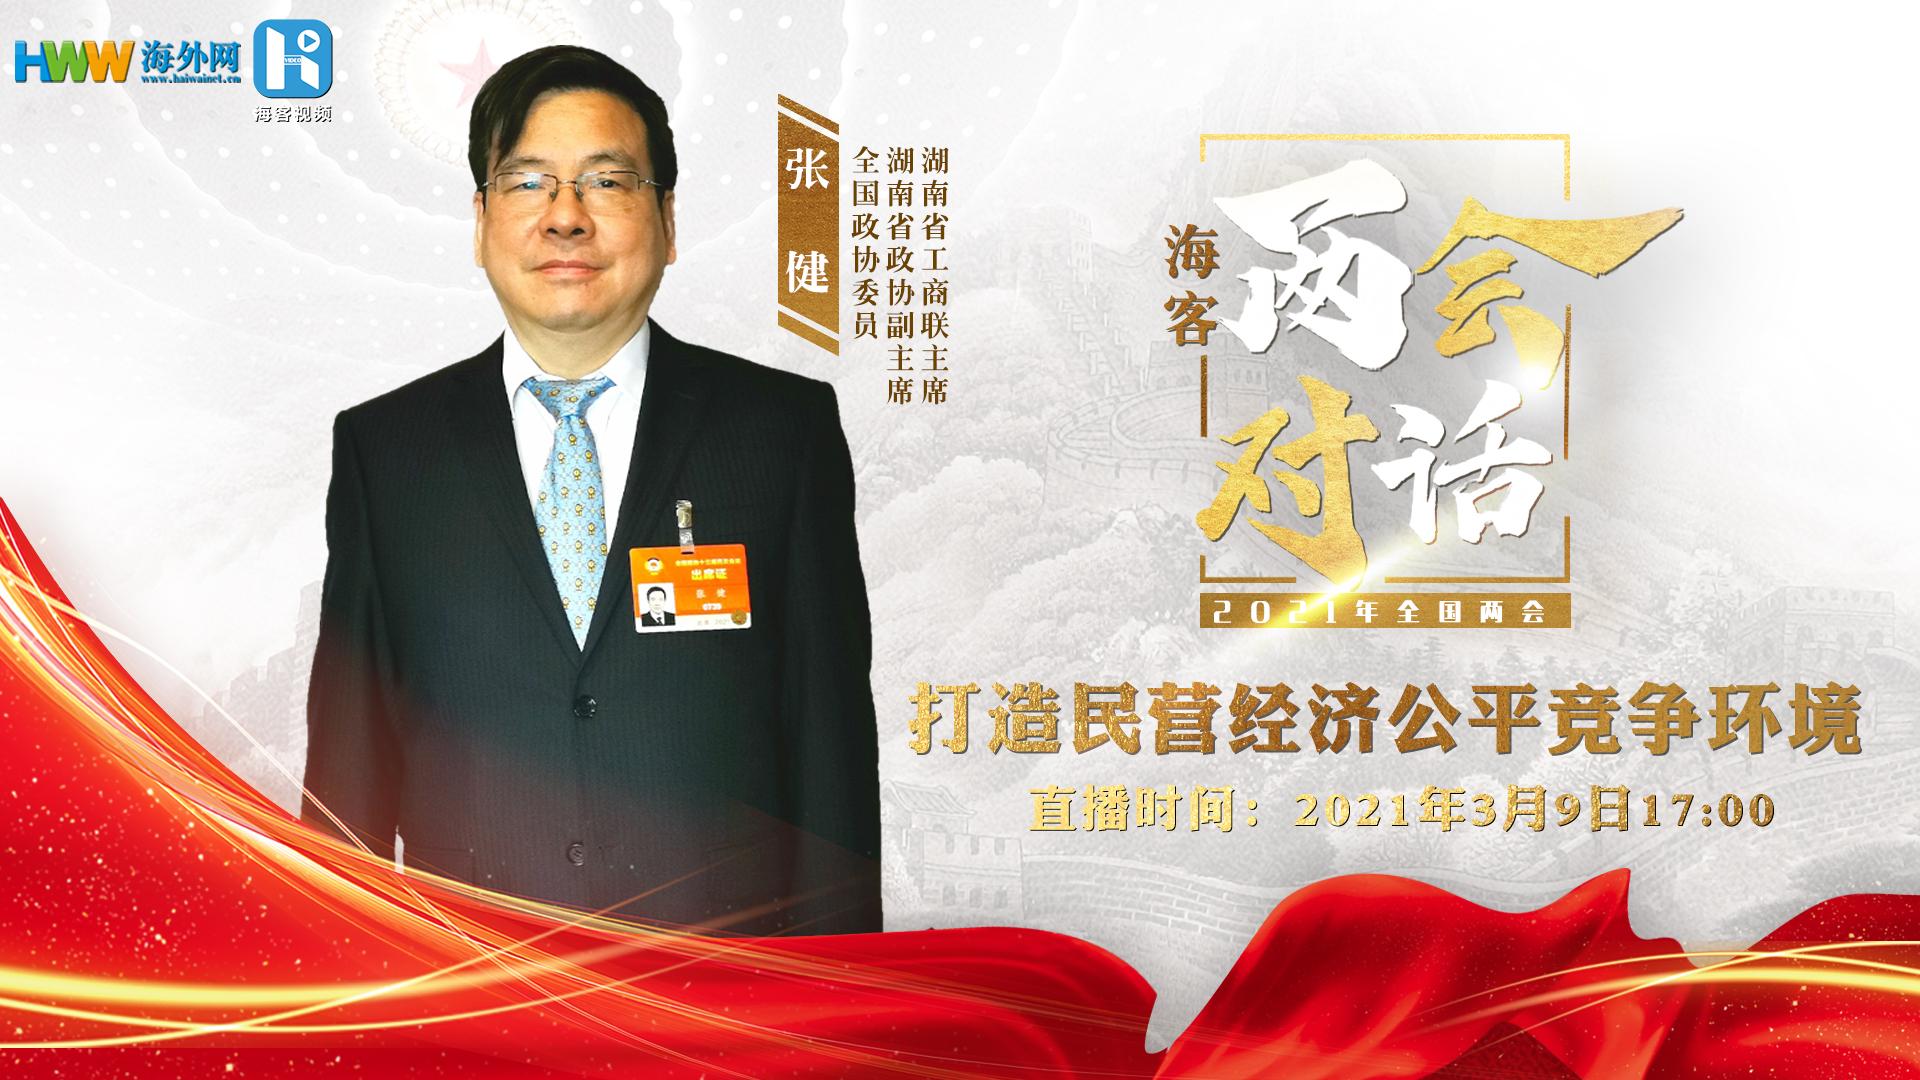 张健:打造民营经济公平竞争环境